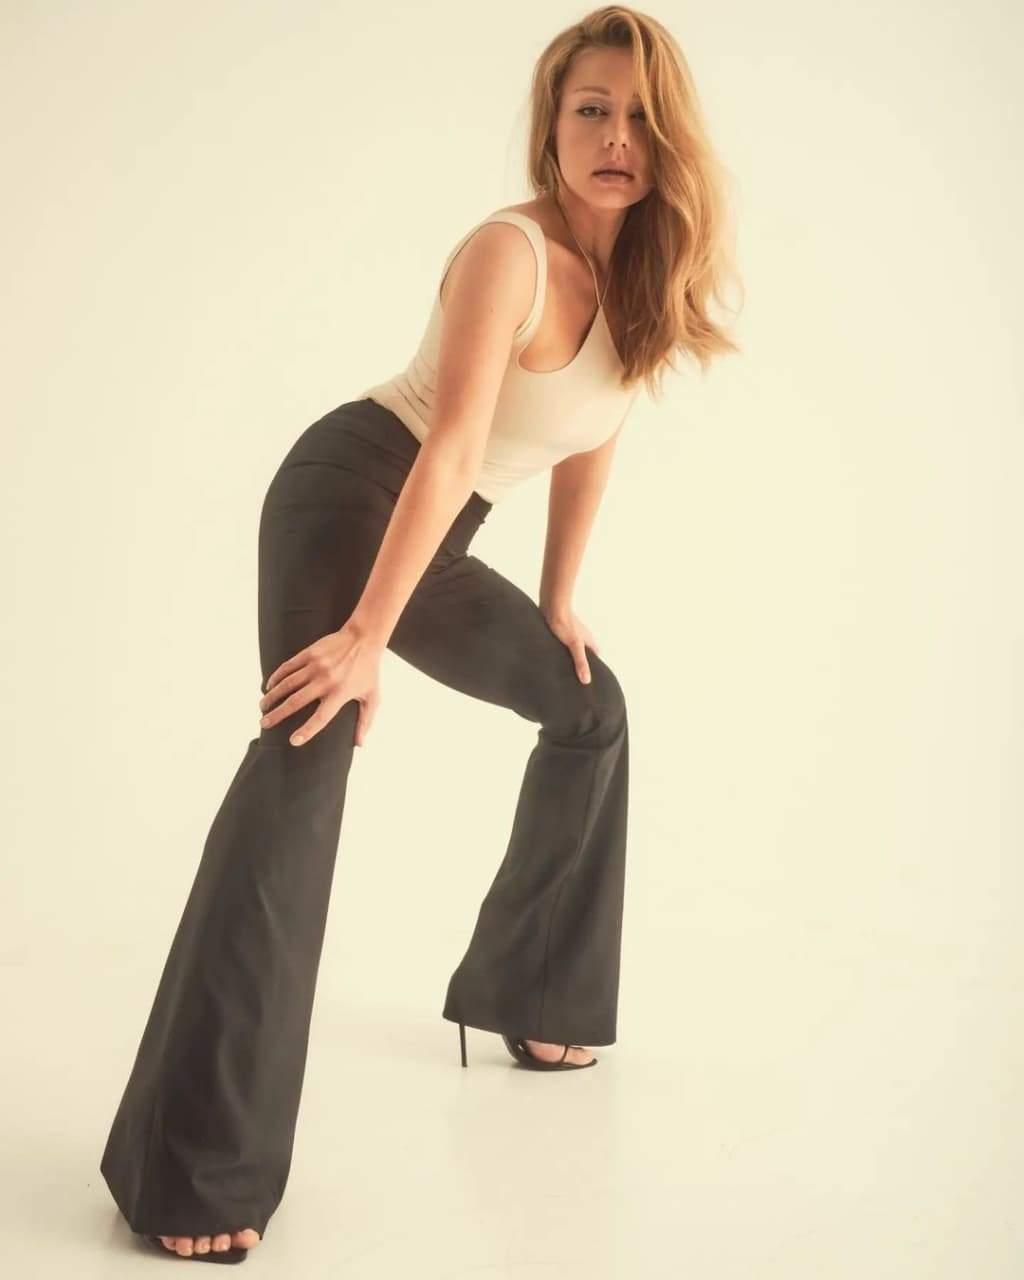 Модний образ Тіни Кароль